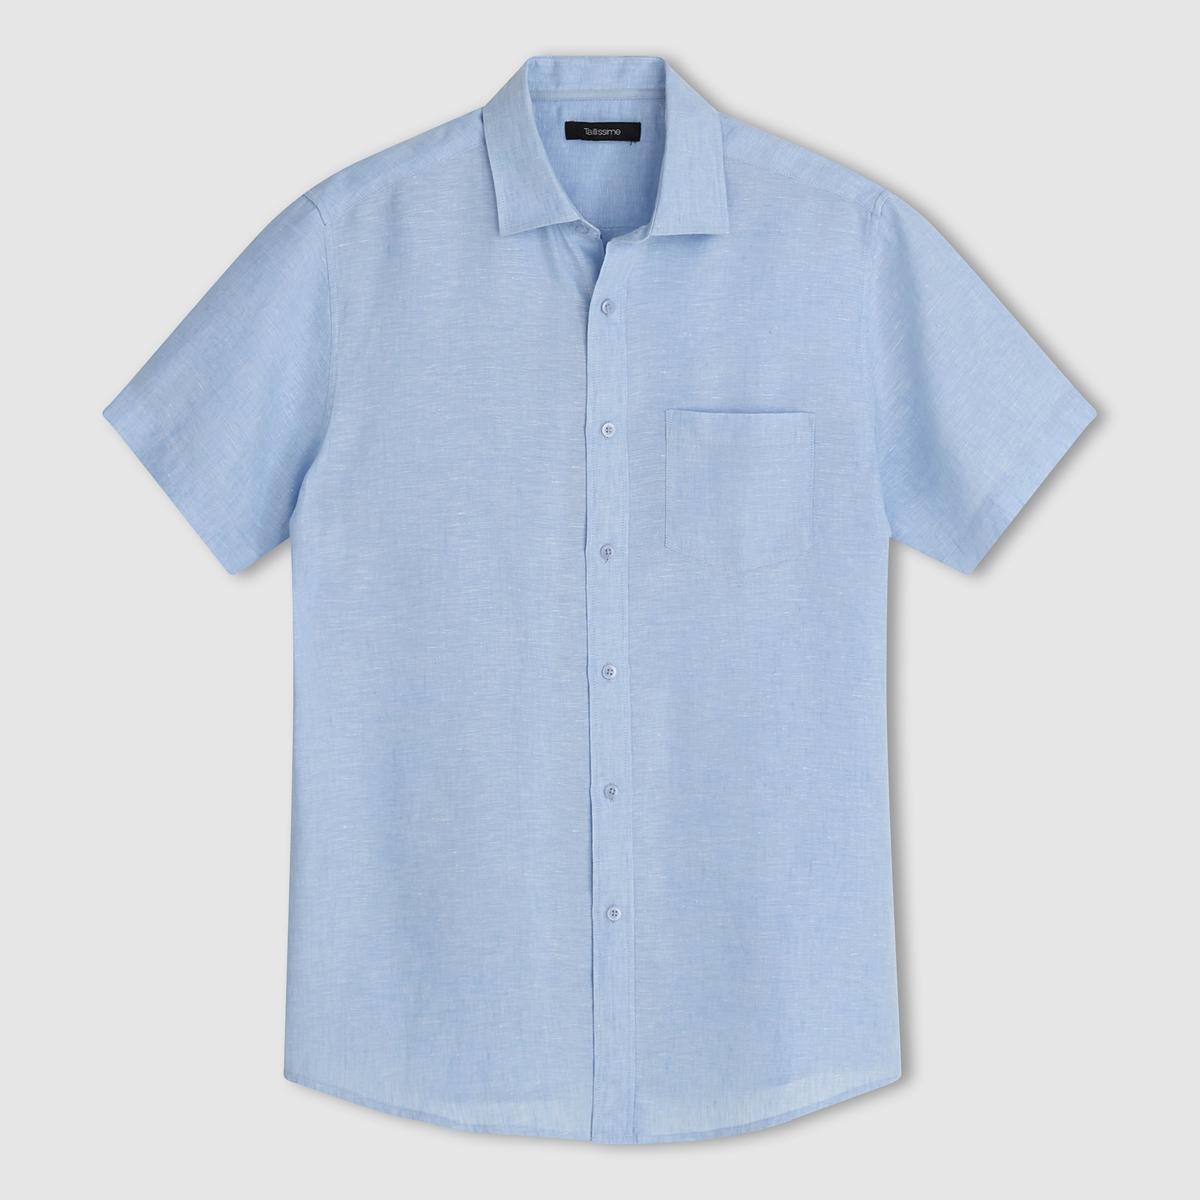 Рубашка из льнаДетали •  Короткие рукава •  Прямой покрой •  Воротник классическийСостав и уход •  100% лен •  Tемпература стирки при 30° на деликатном режиме •  Сухая чистка и отбеливание запрещены •  Не использовать барабанную сушку •  Гладить при высокой температуреТовар из коллекции больших размеров<br><br>Цвет: белый,голубой,черный<br>Размер: 55/56.47/48.53/54.47/48.49/50.45/46.55/56.43/44.53/54